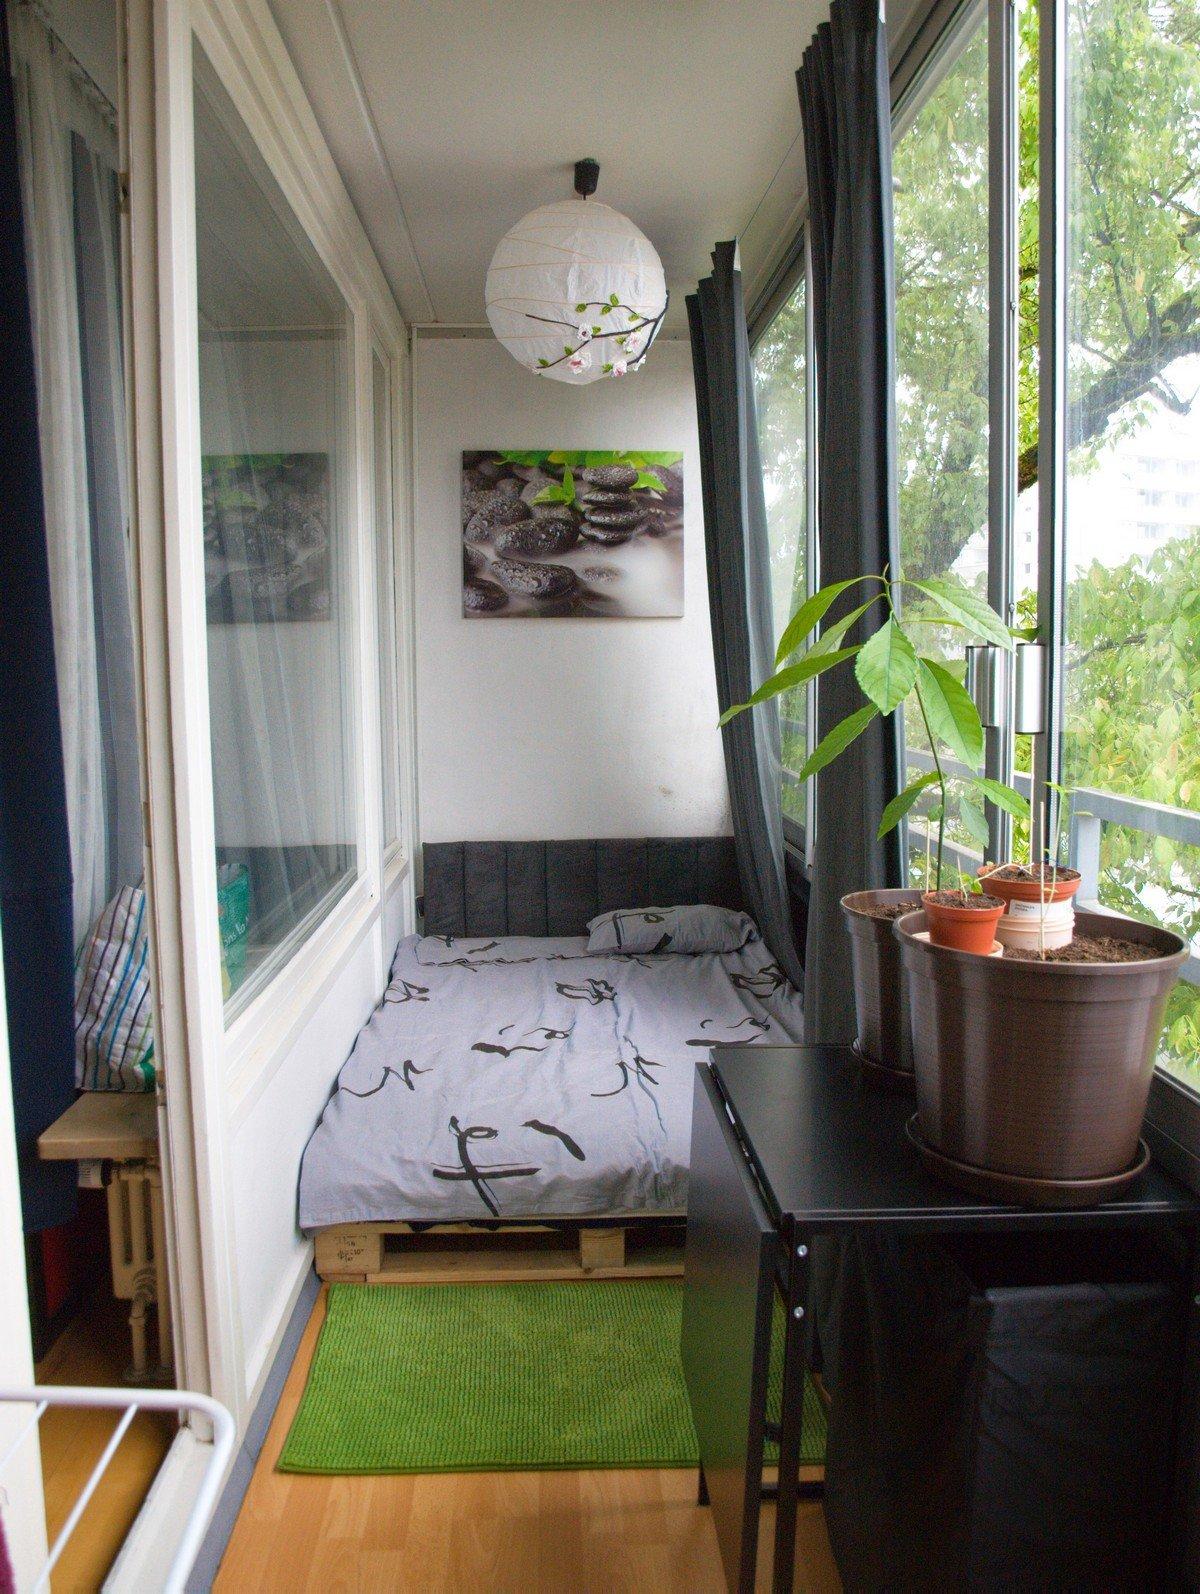 бетелевая кровать на лоджии дизайн фото для девушки